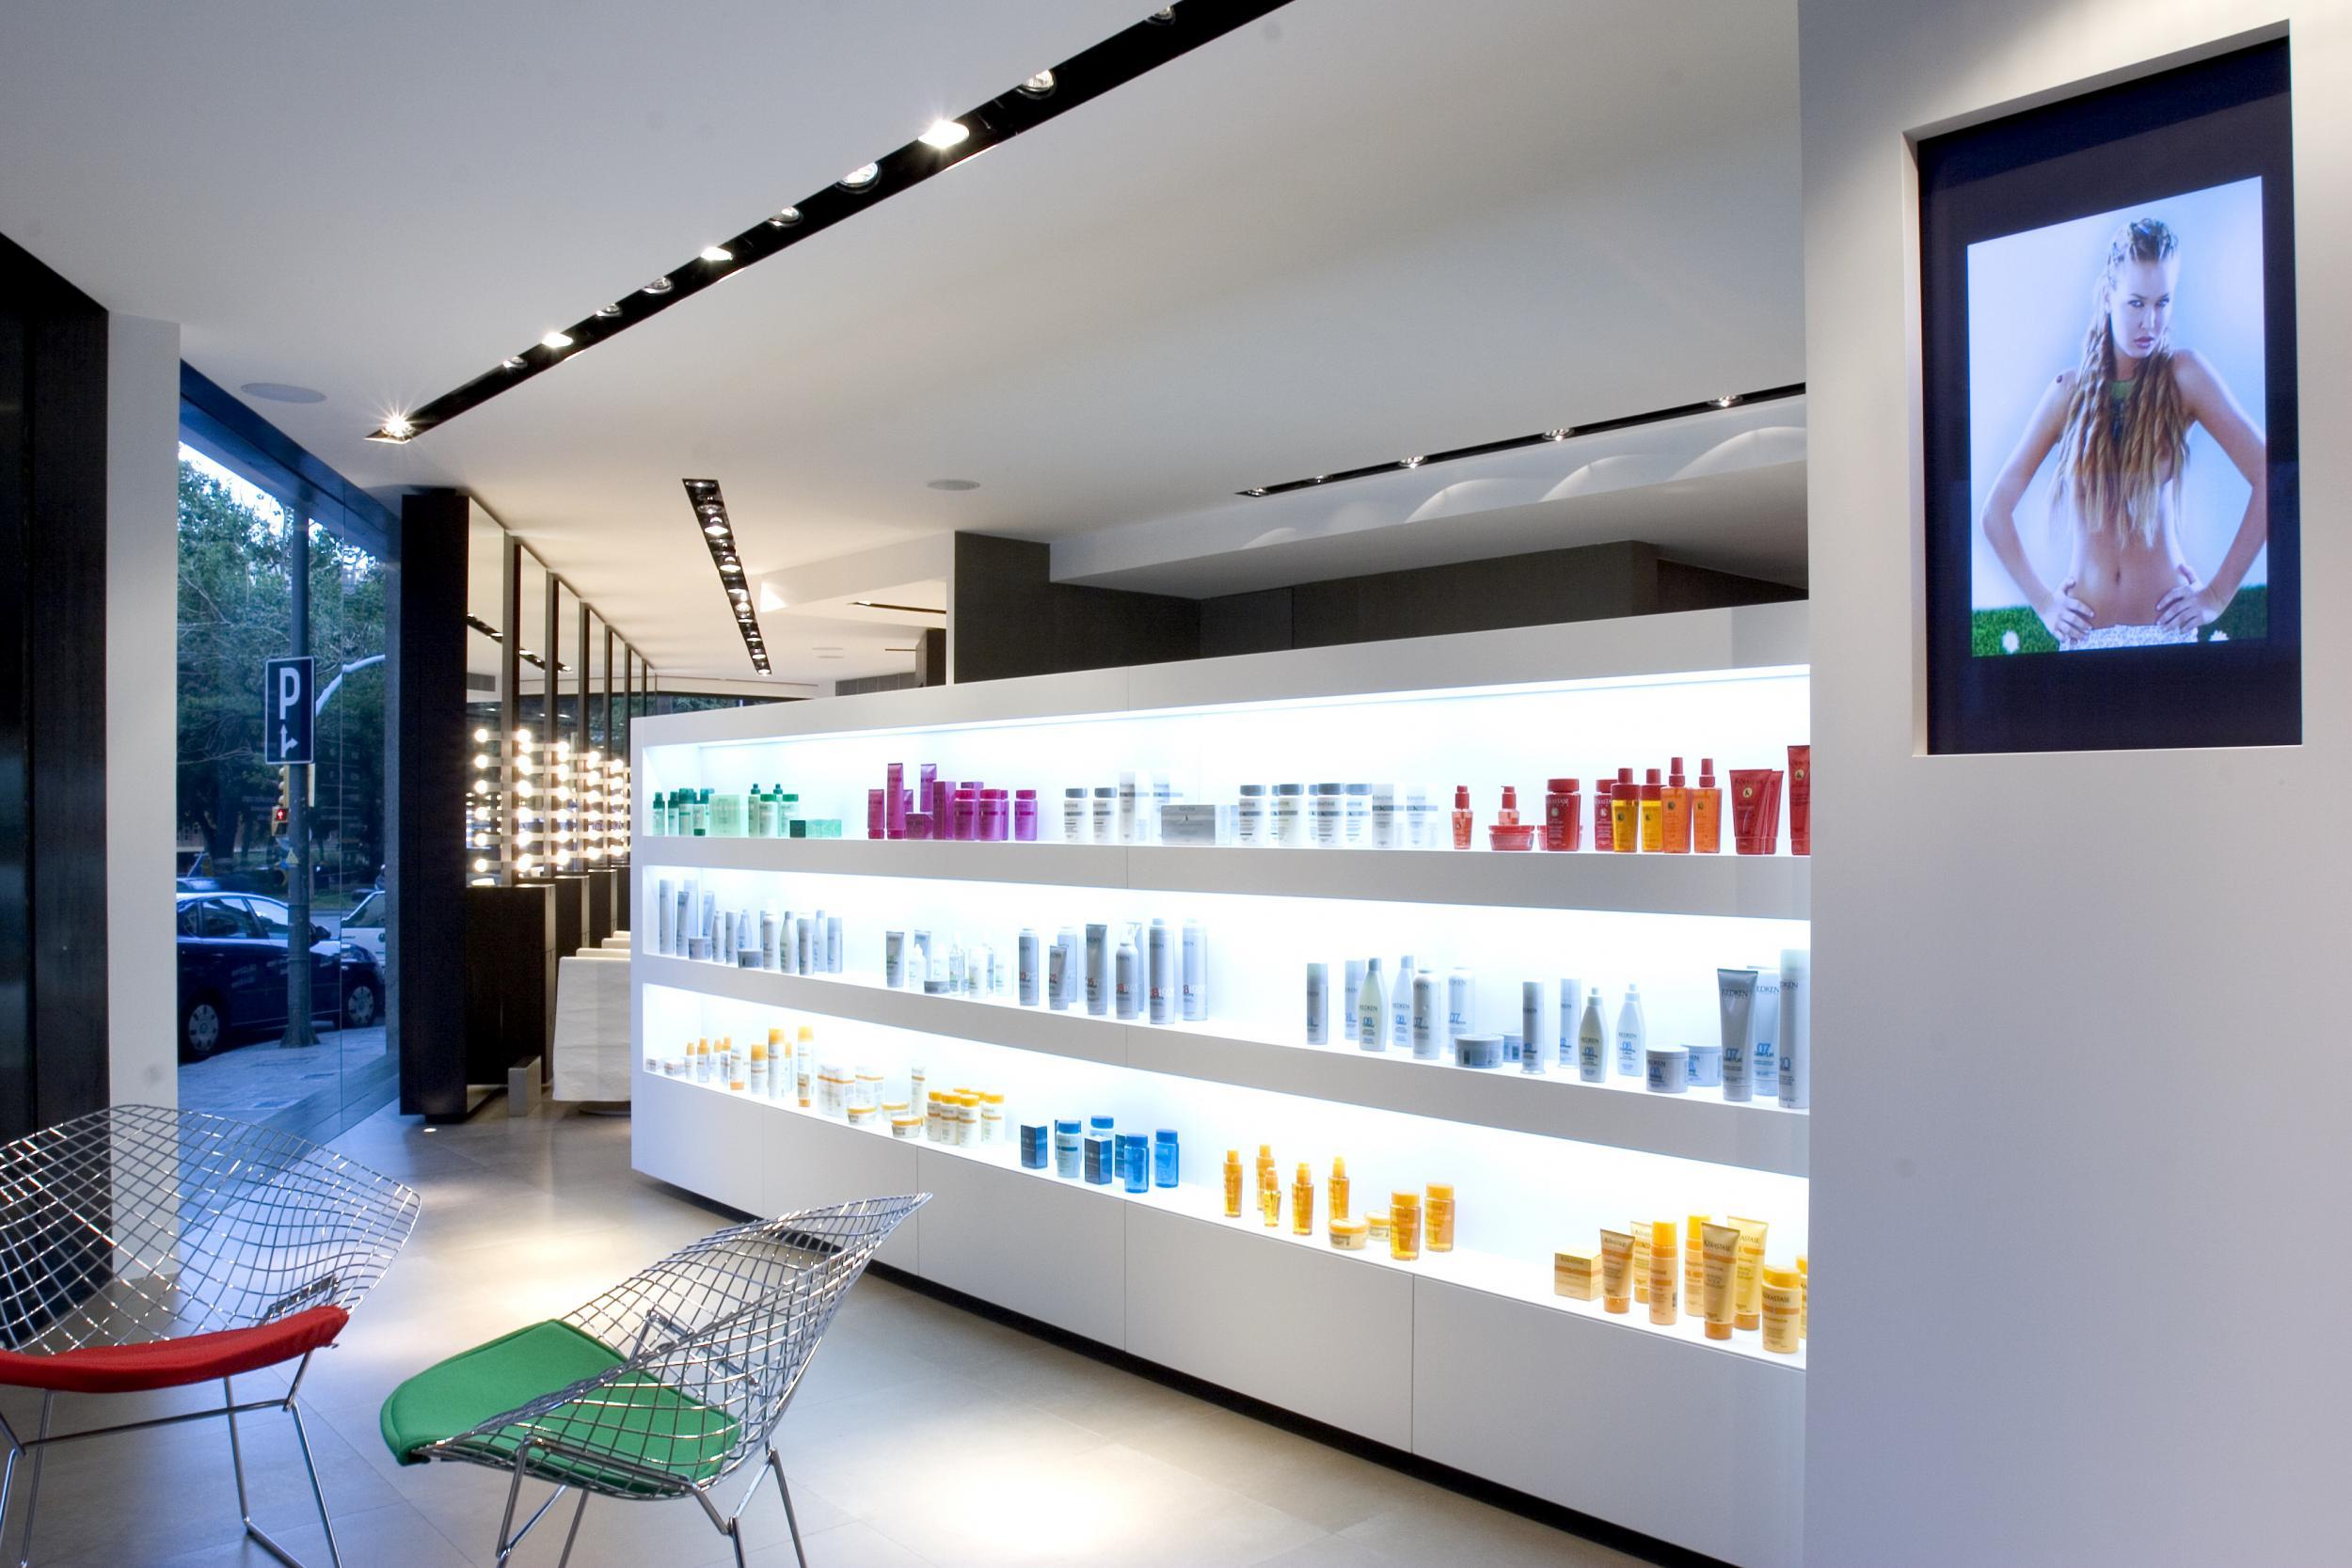 Estanterias de obra para salon best obra para salon interesting good estanterias with - Studio barcelona muebles ...